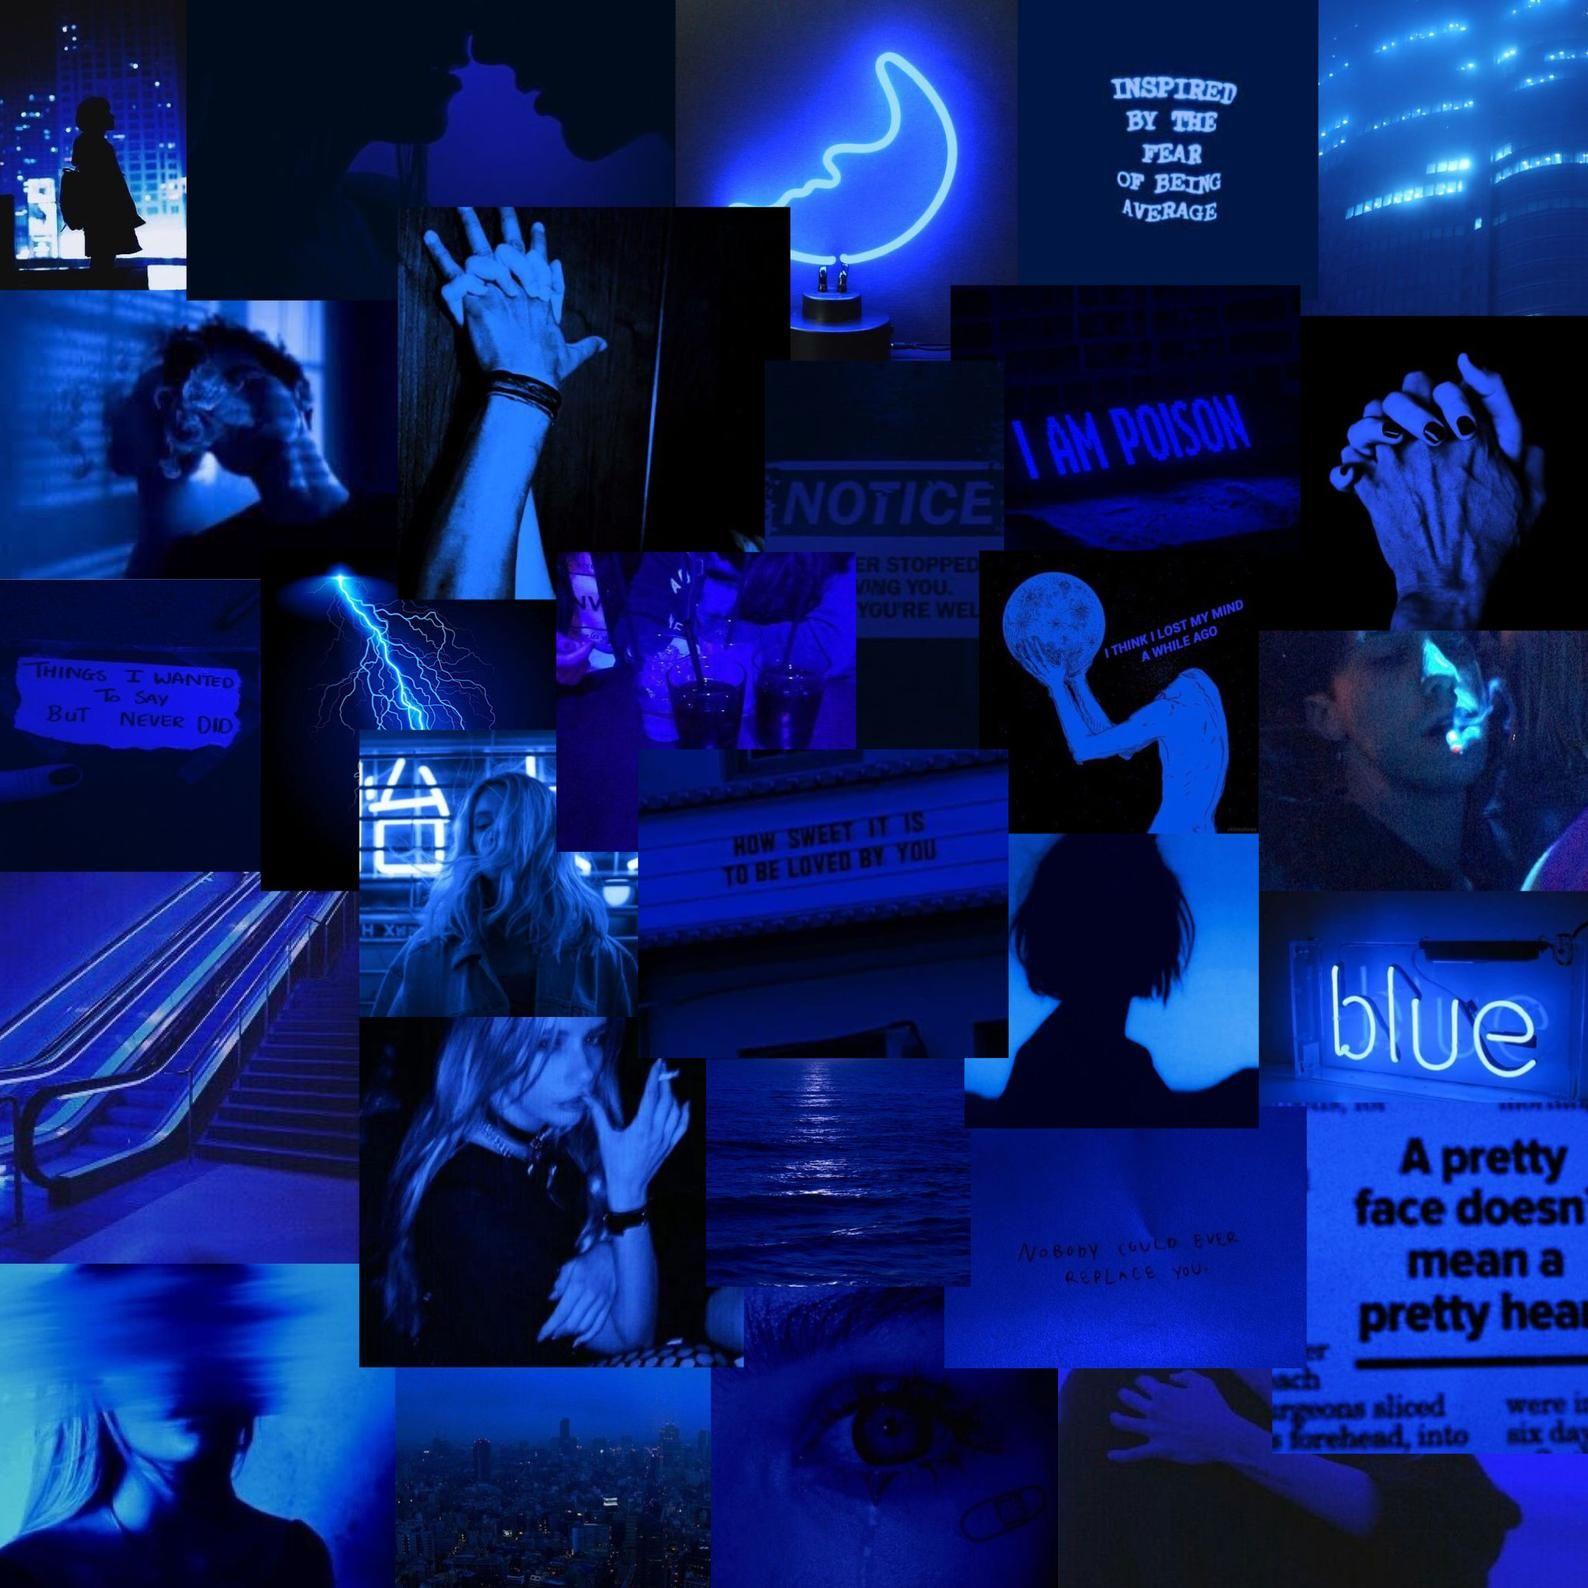 Dark Blue Grunge Vsco Digital Wall Collage 55 Pcs Etsy Blue Aesthetic Dark Dark Blue Wallpaper Light Blue Aesthetic